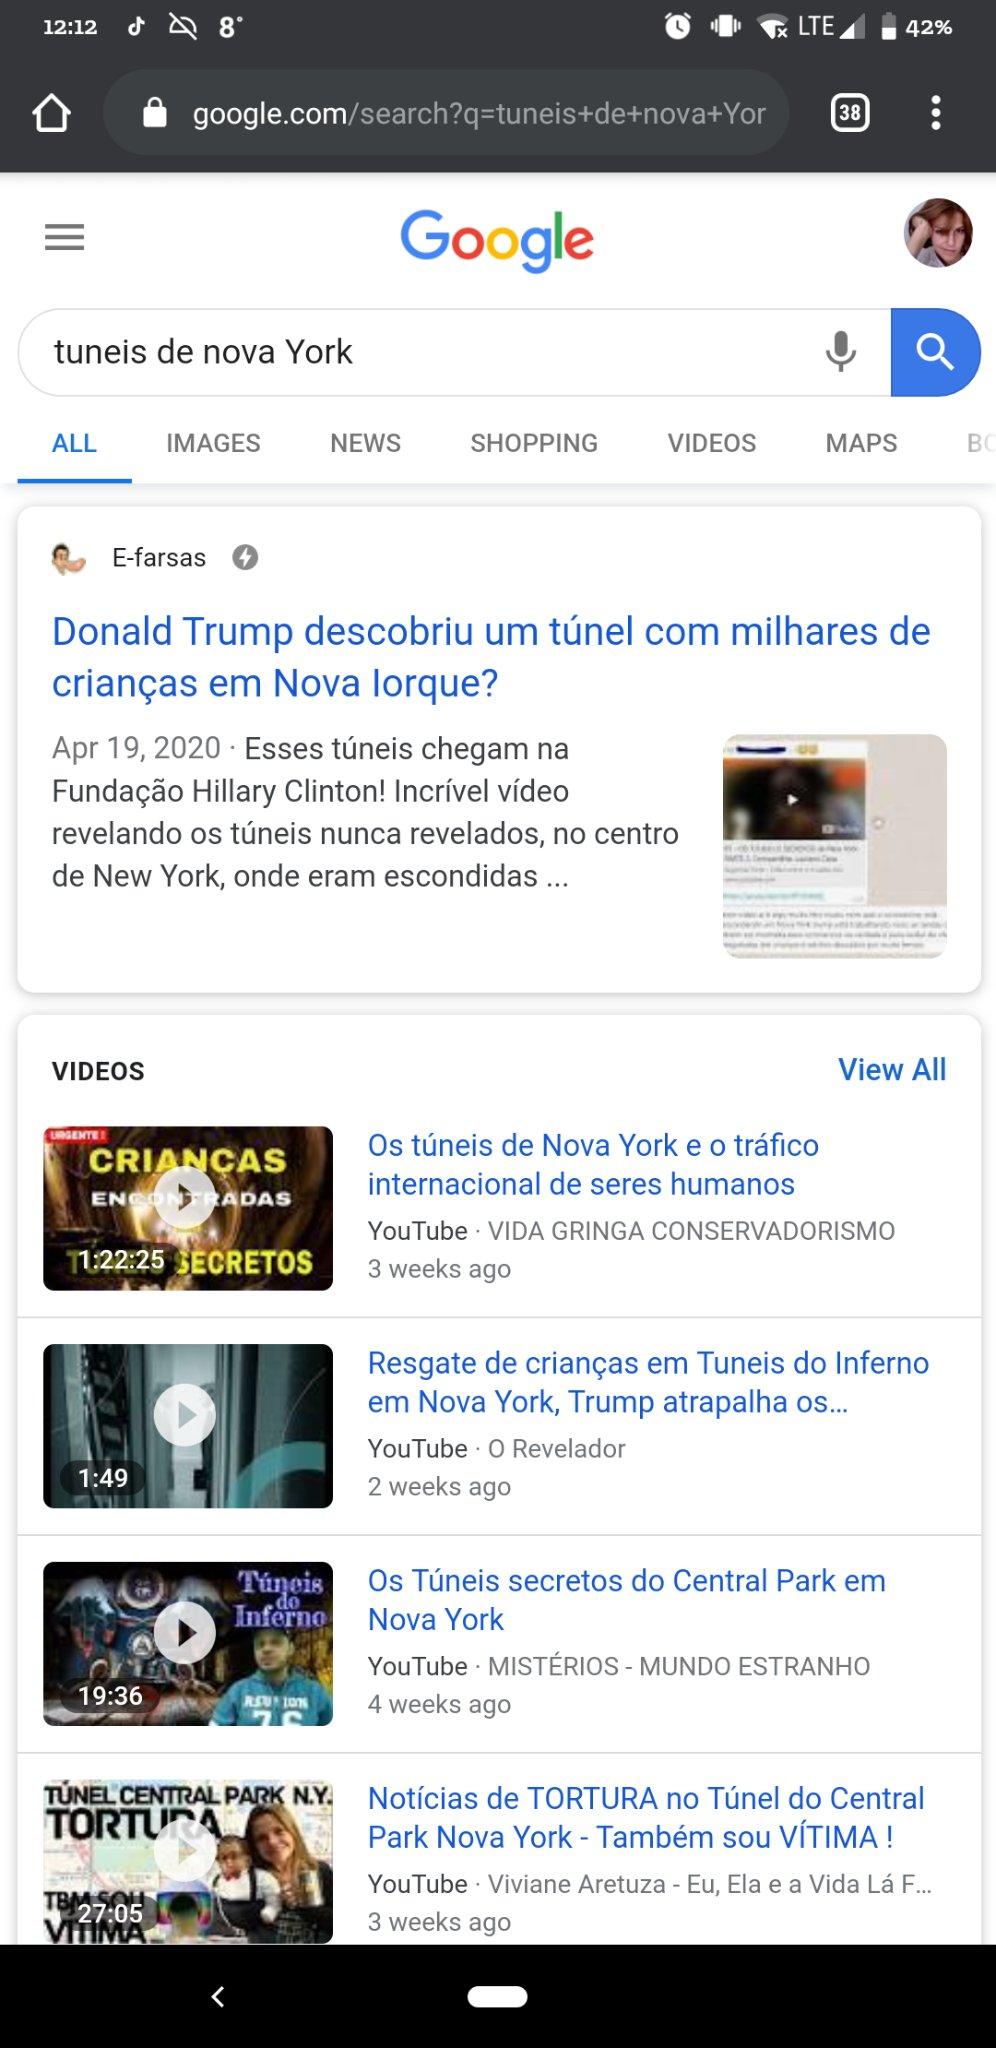 Resultado da busca no google pelas palavras